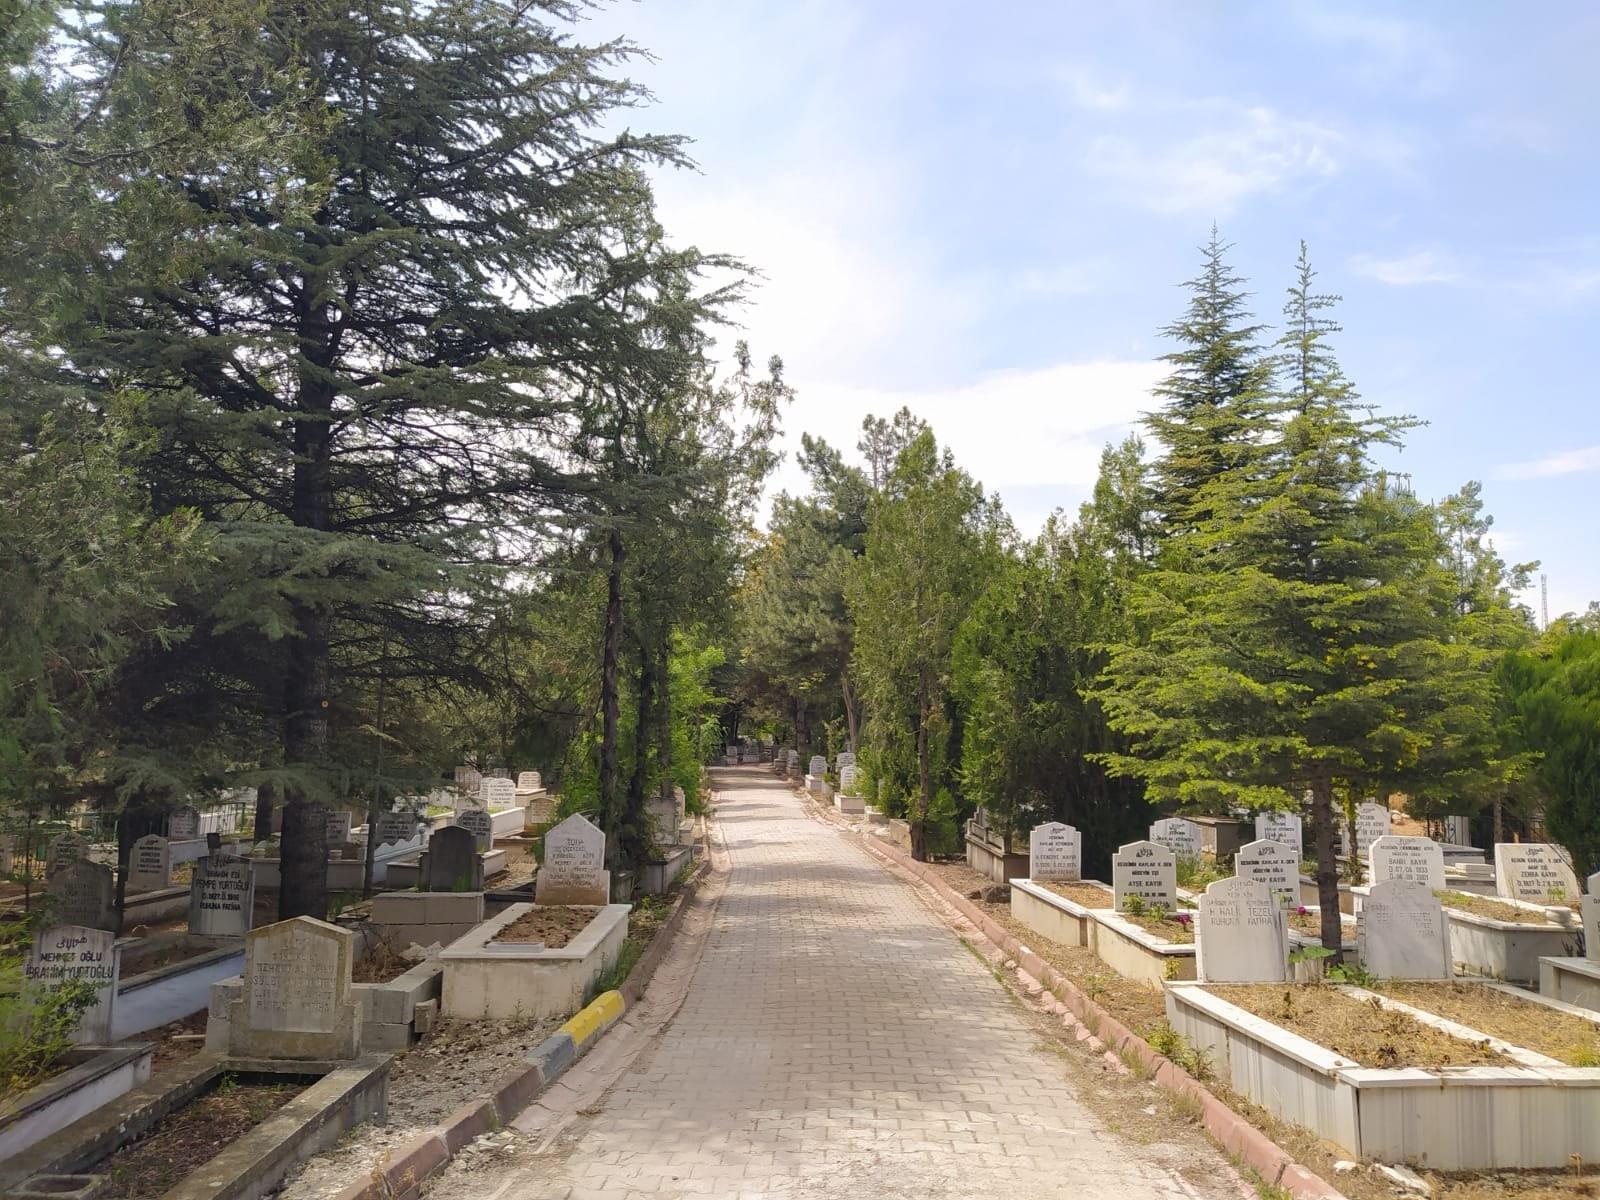 Kırıkkale Mezarlık - Kırıkkale'de mezarlıklara özel bakım yapıldı